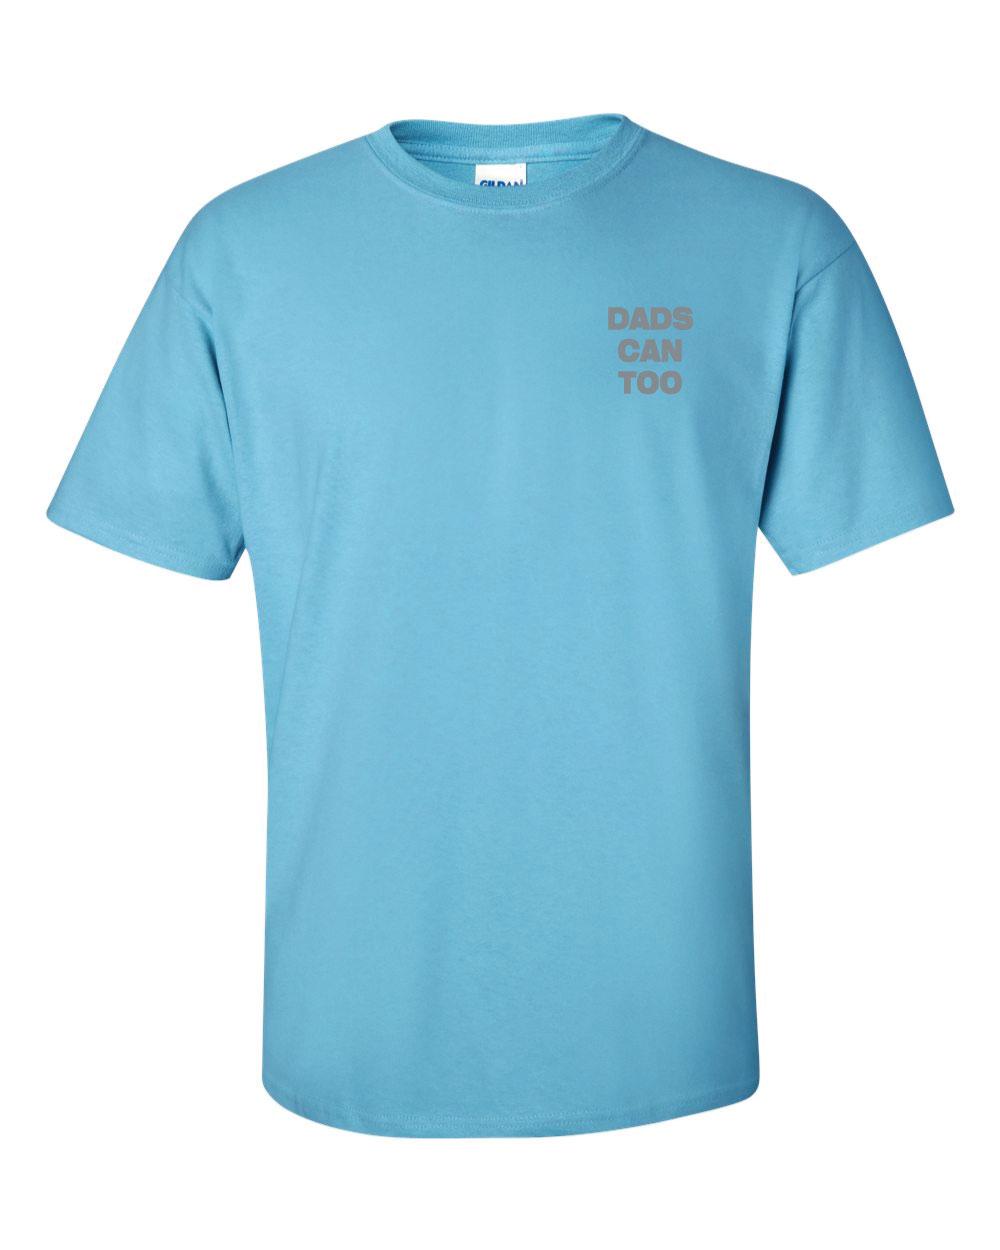 Sapphire blue t-shirt